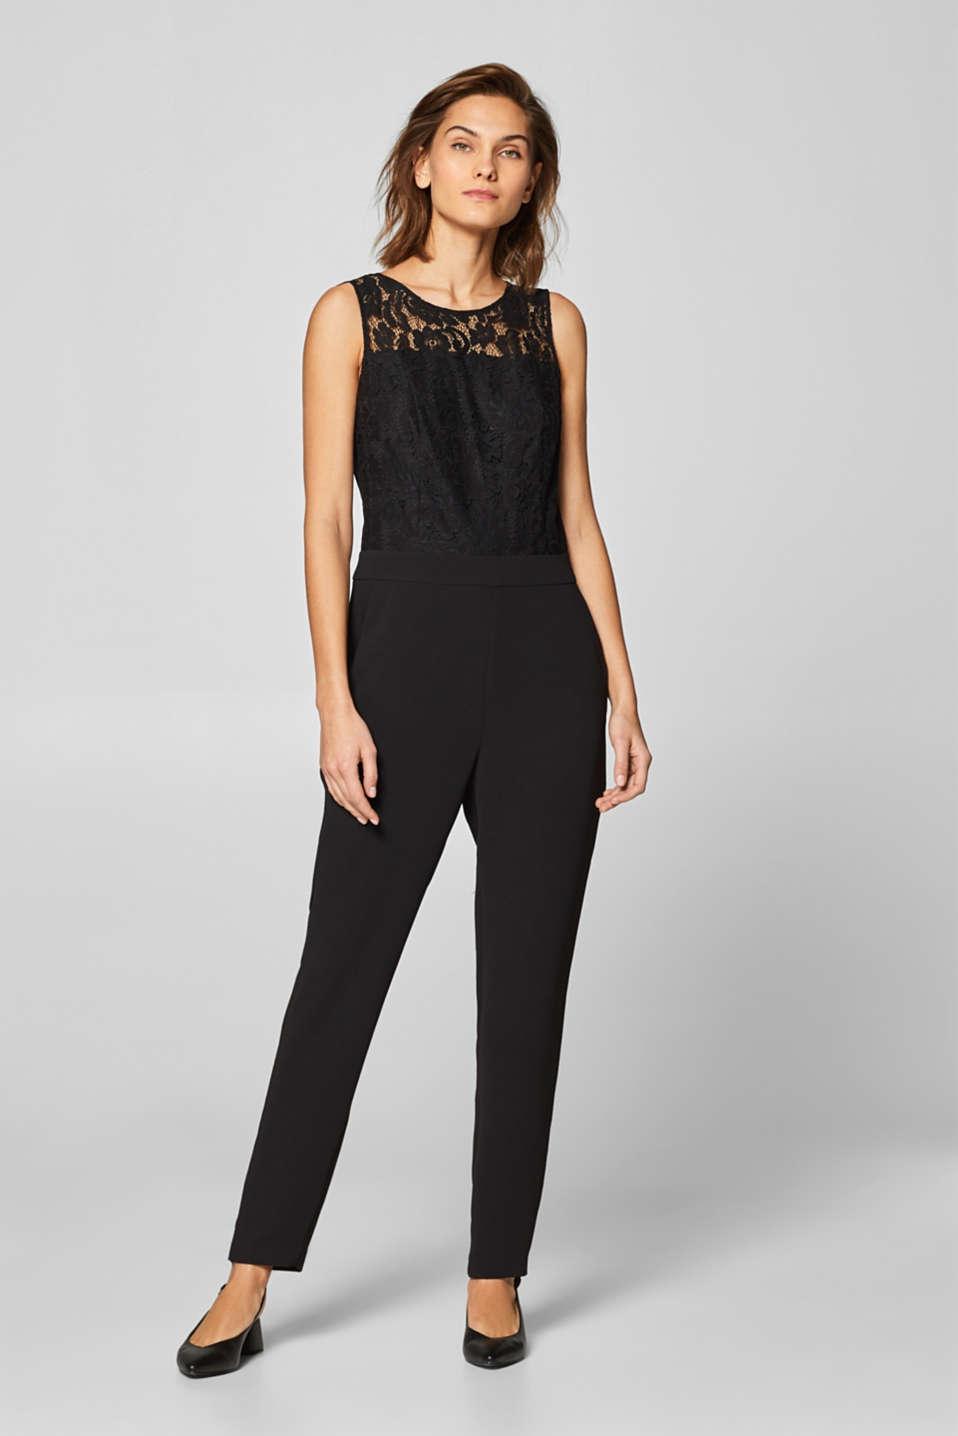 huge discount f321a 43b57 Esprit - Jumpsuit aus Spitze und Crêpe-Stoff im Online Shop ...